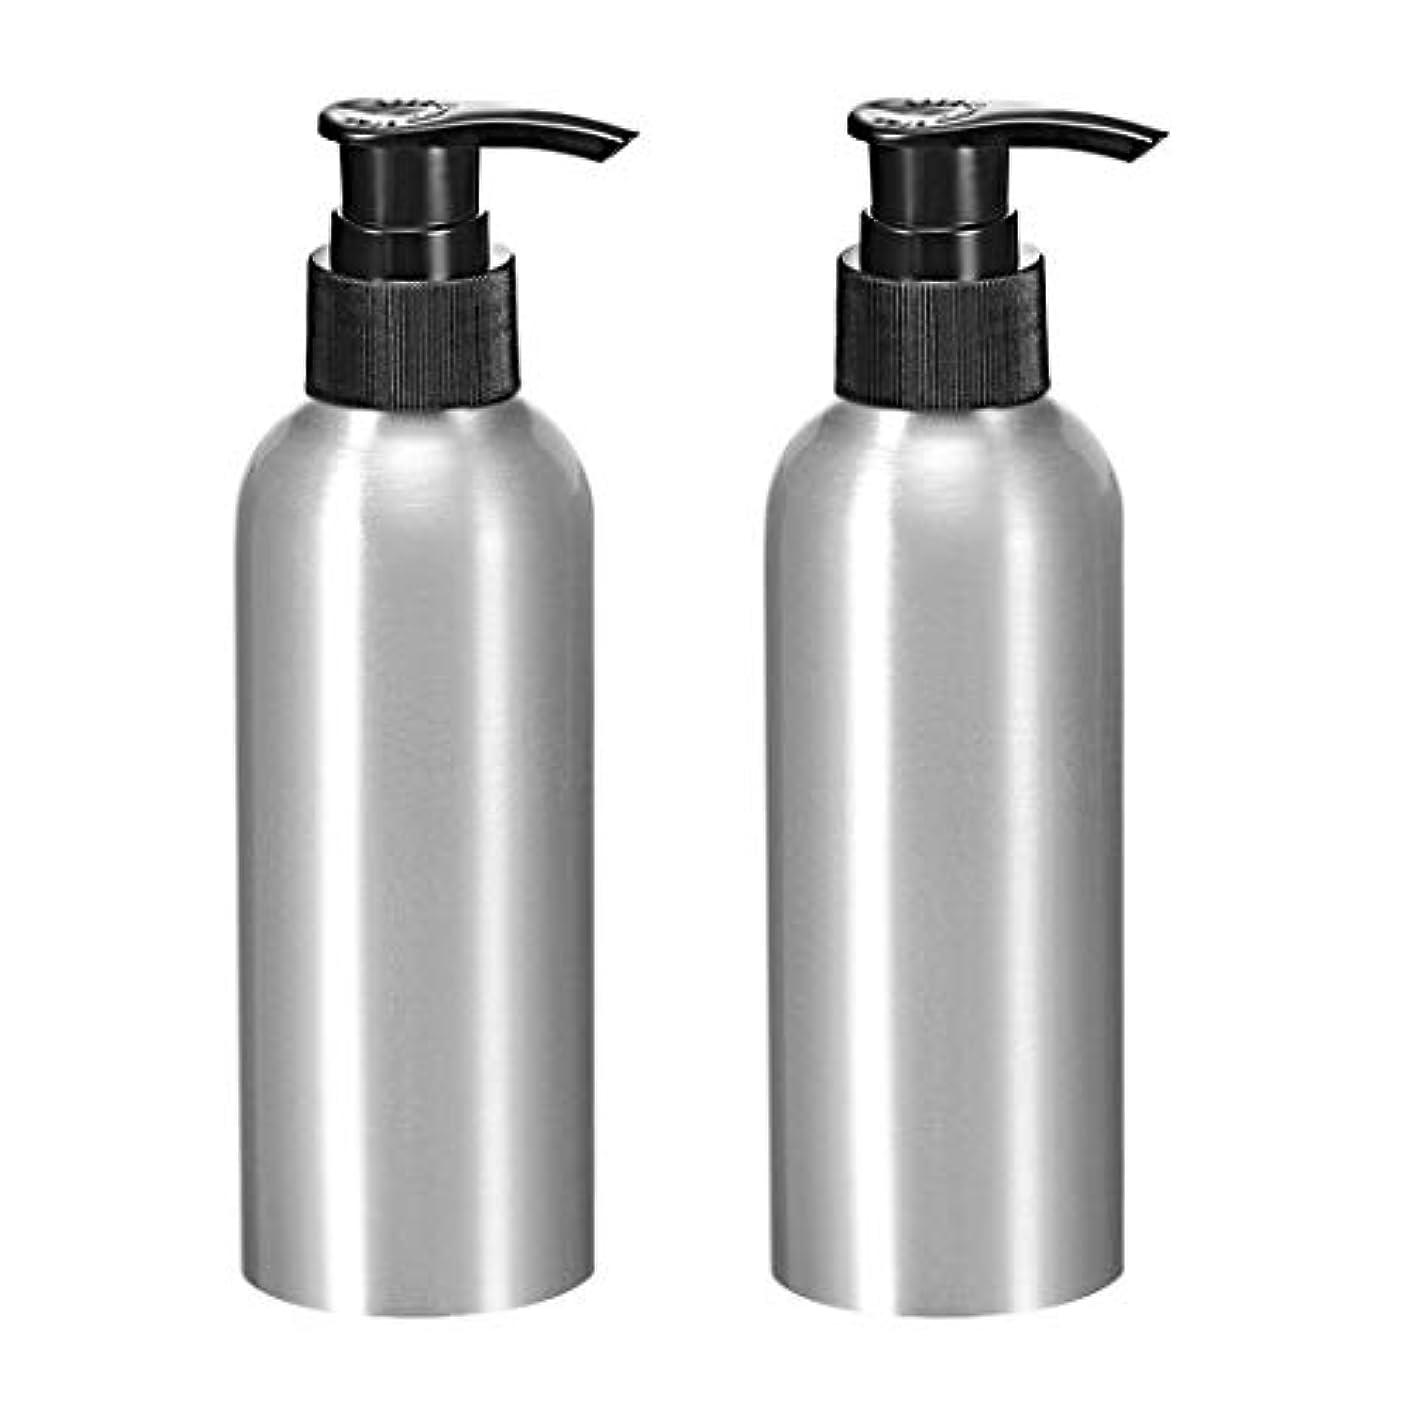 召喚するに付ける容疑者uxcell アルミスプレーボトル 細かい霧のスプレーヤー付き 空の詰め替え容器 トラベルボトル 8.4oz/250ml 2個入り